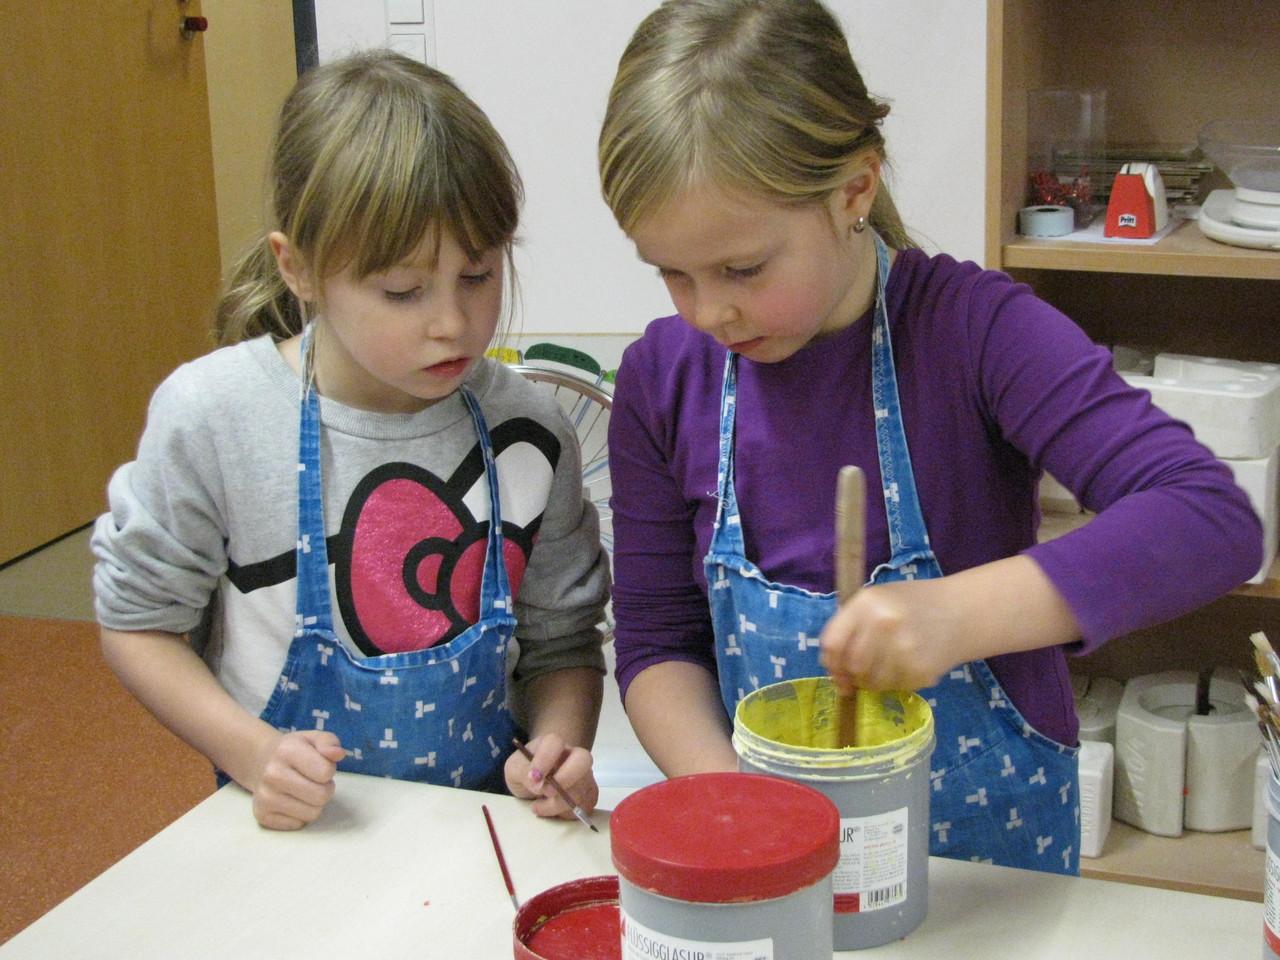 XENA (links) bringt ihrer Freundin PAULA bei,                                                  wie die Glasur vorbereitet wird